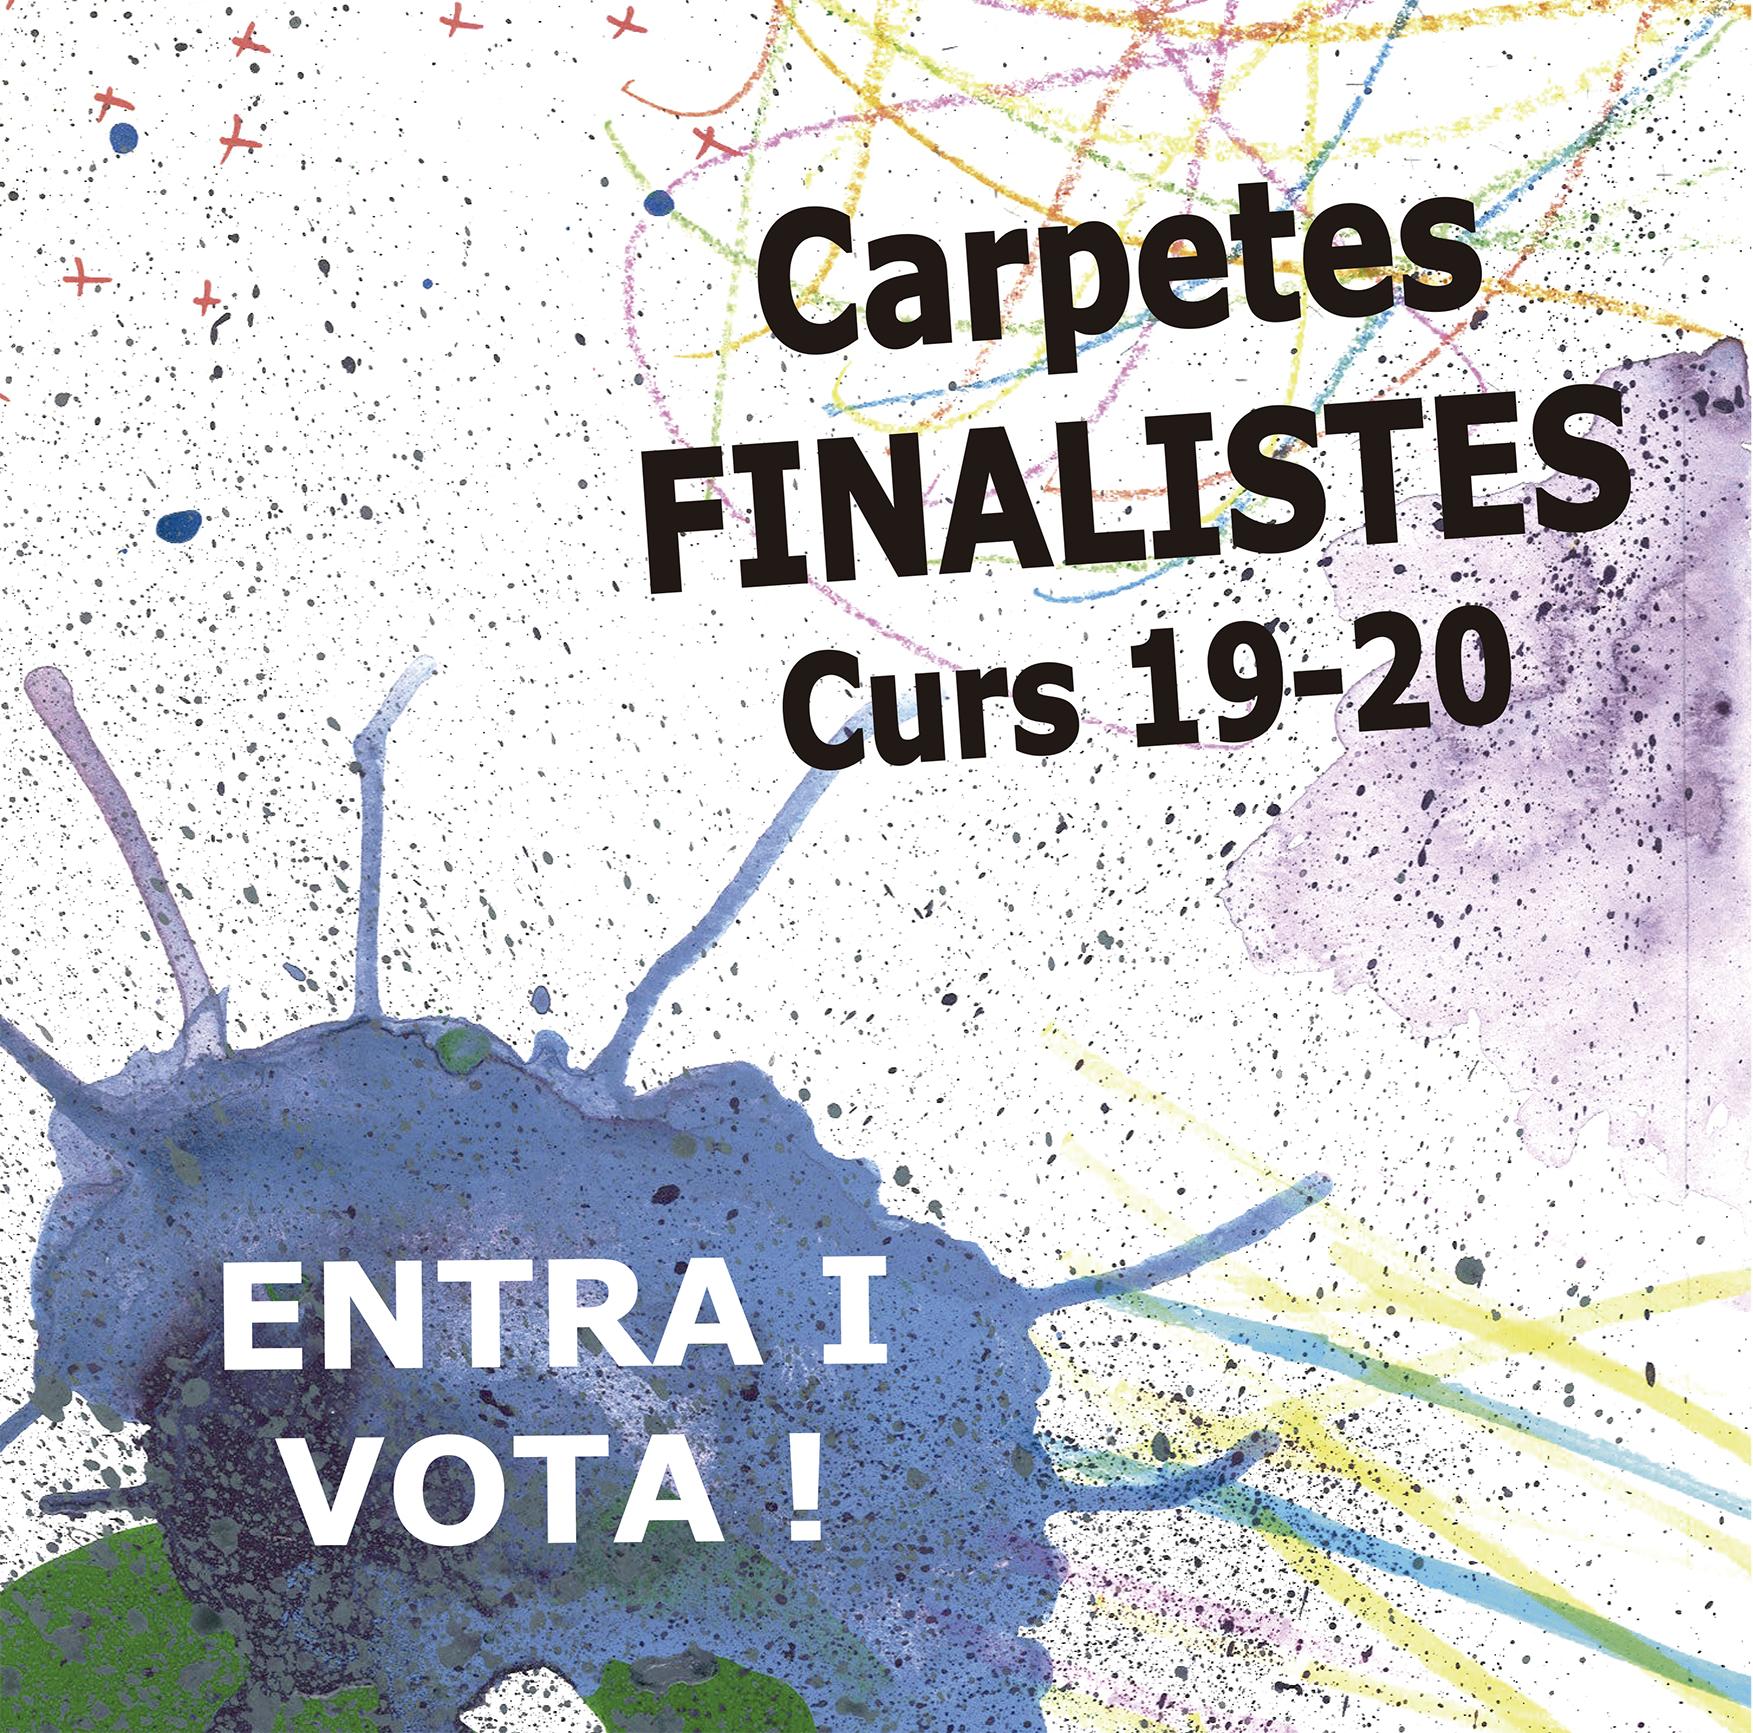 Carpetes finalistes curs 19-20!